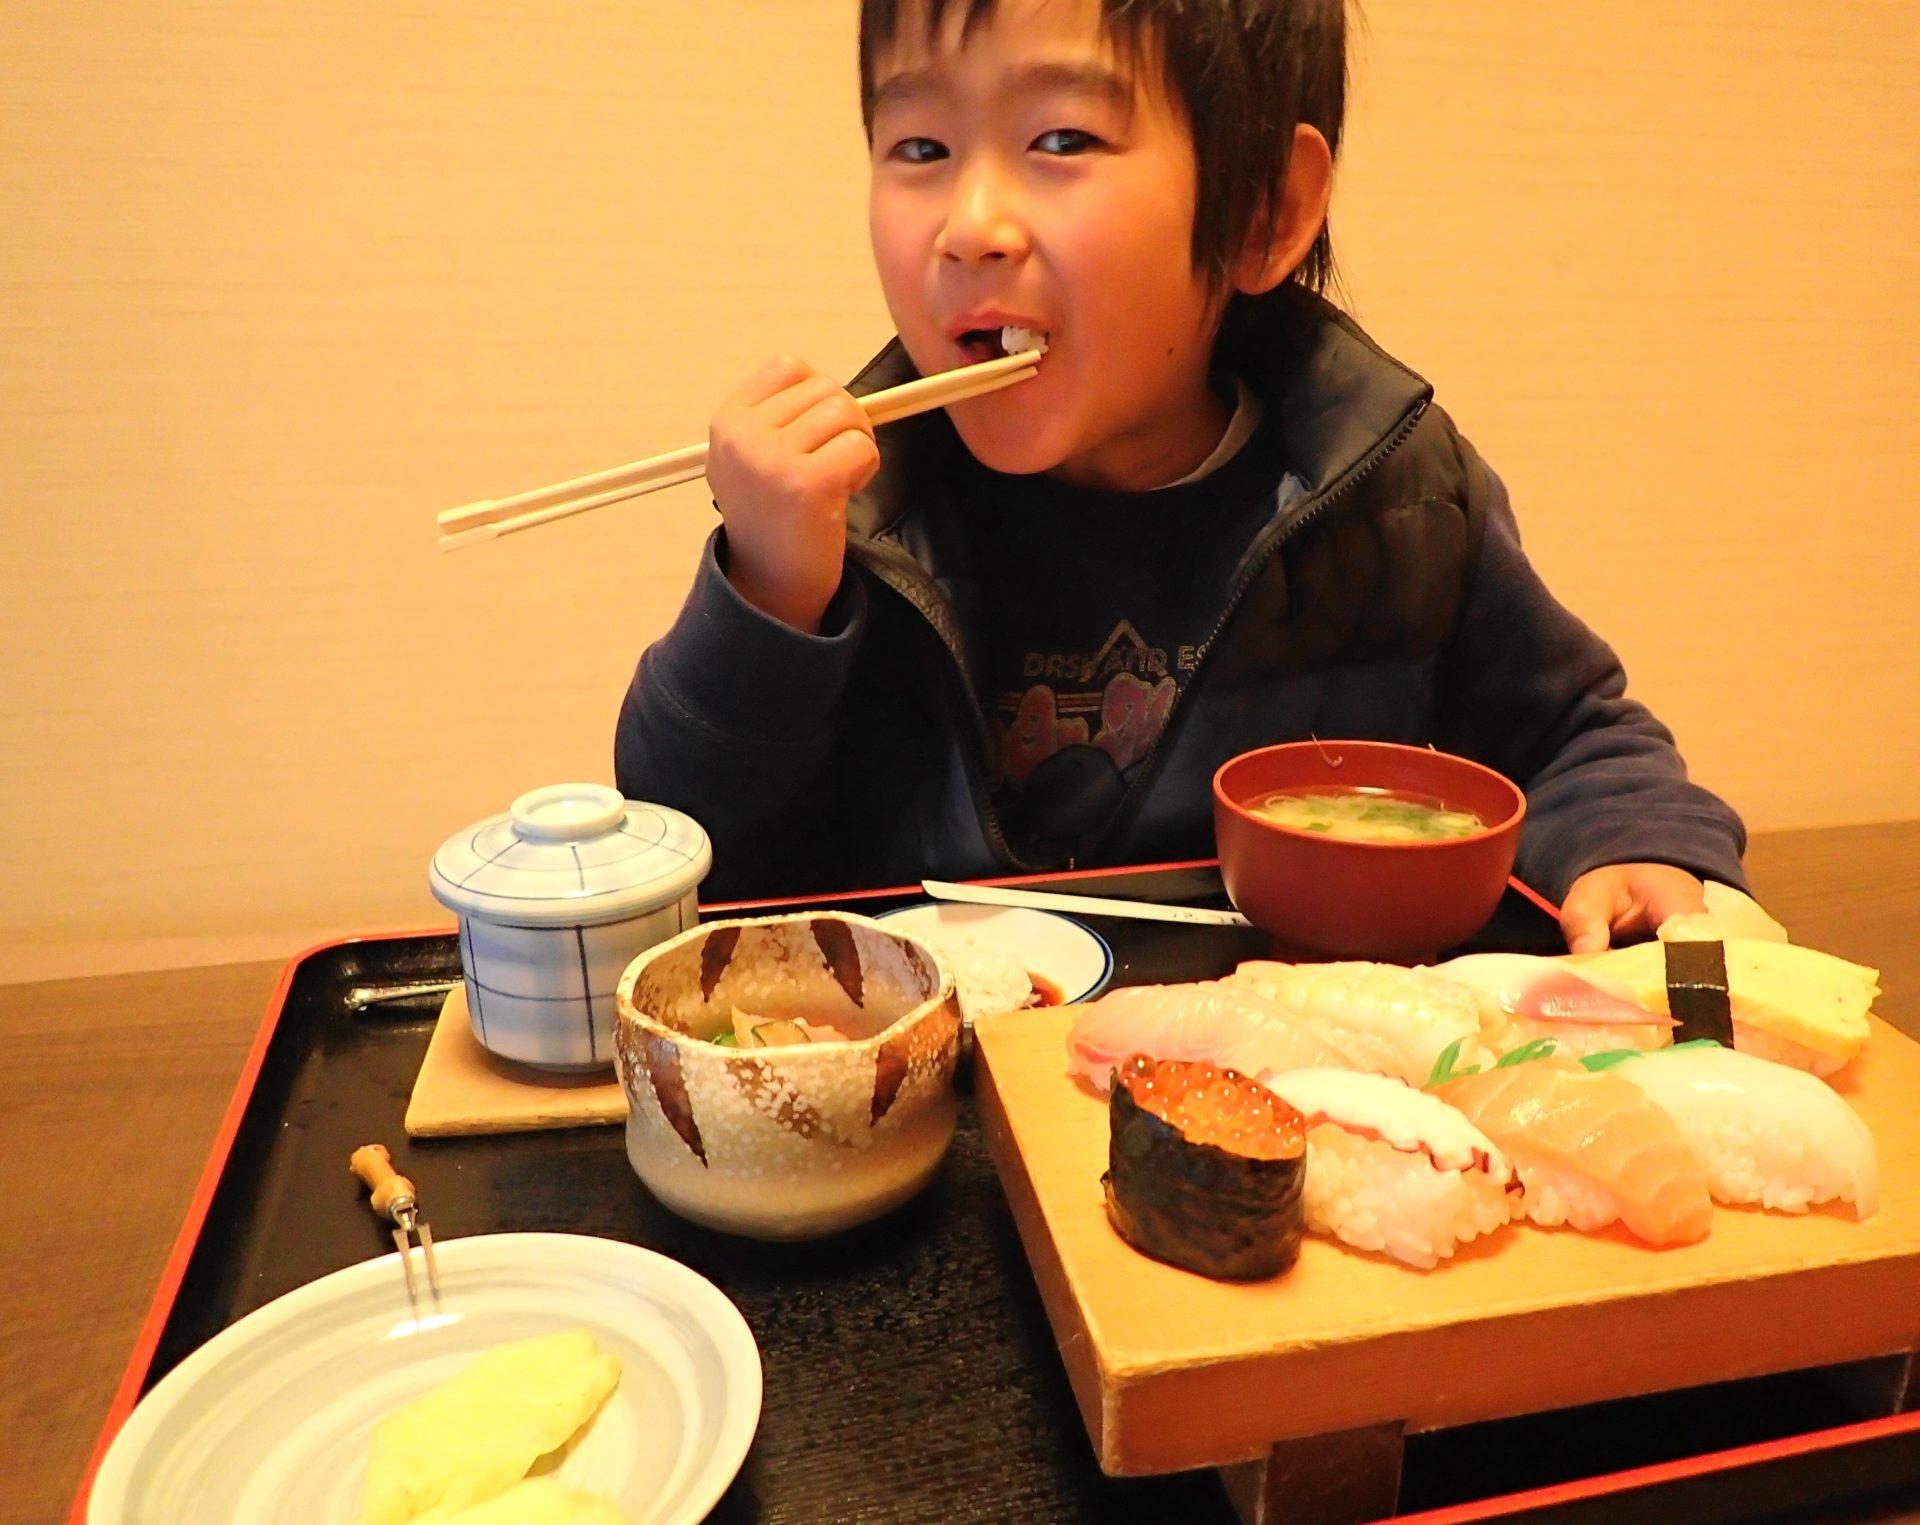 寿司とし|千波湖近く職人が握る本格寿司ランチが1000円 - いばらじお♪